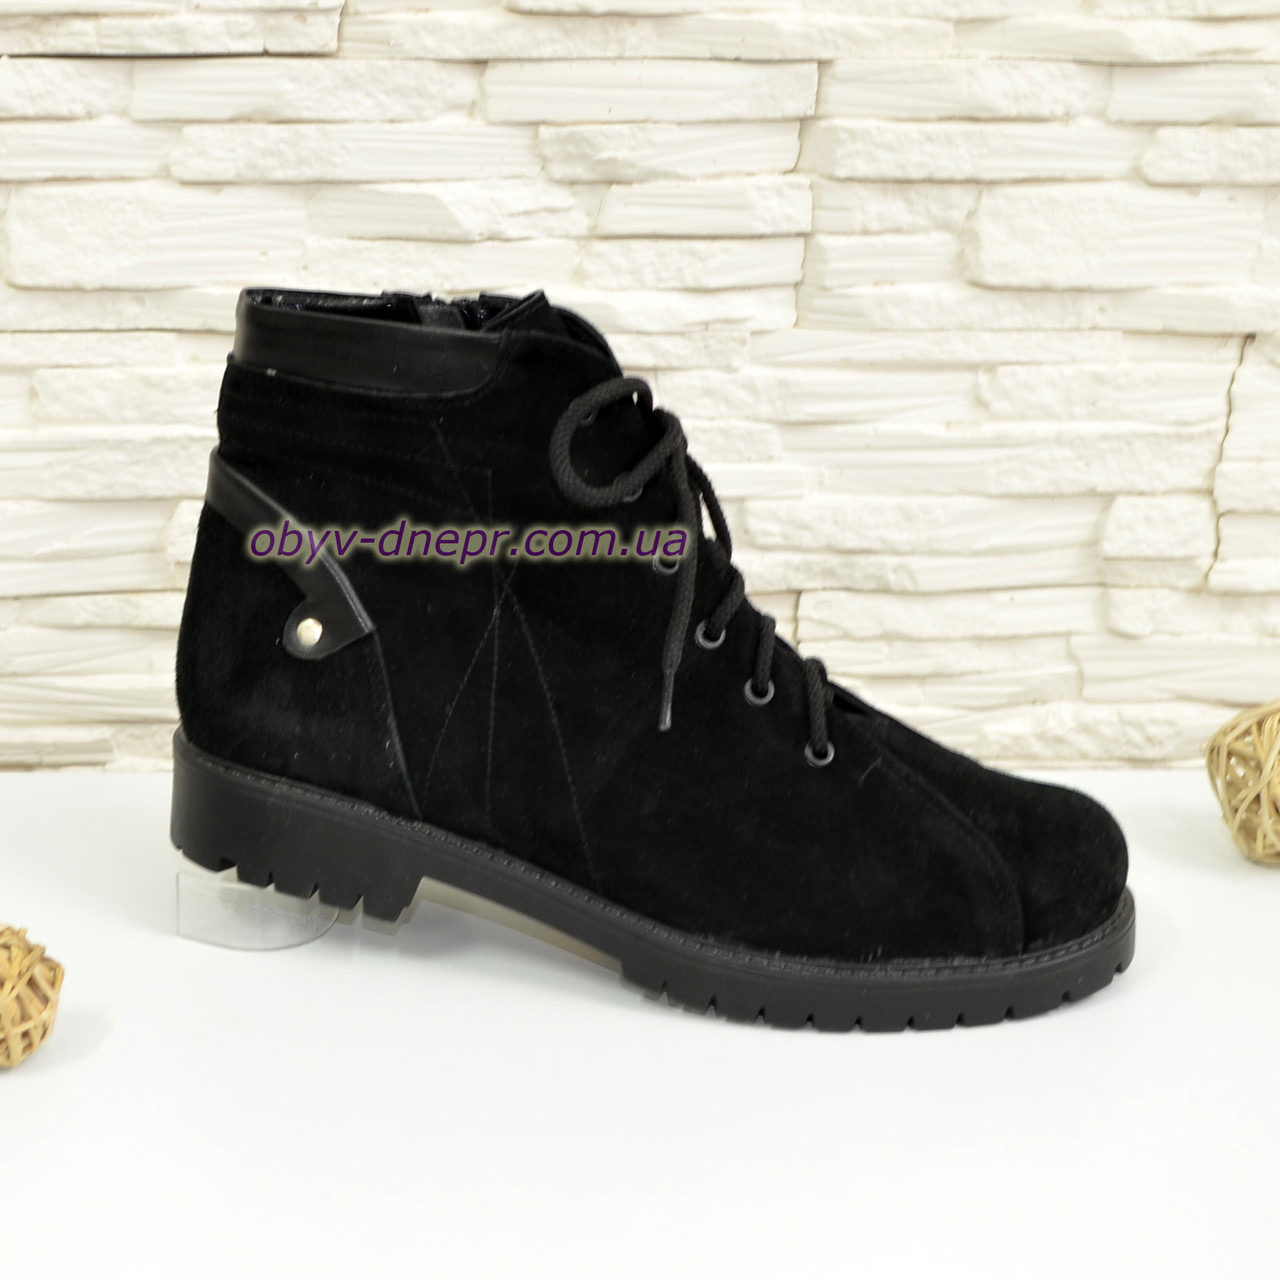 fa63f5f5 Ботинки женские зимние замшевые на шнуровке, цвет черный.: продажа ...